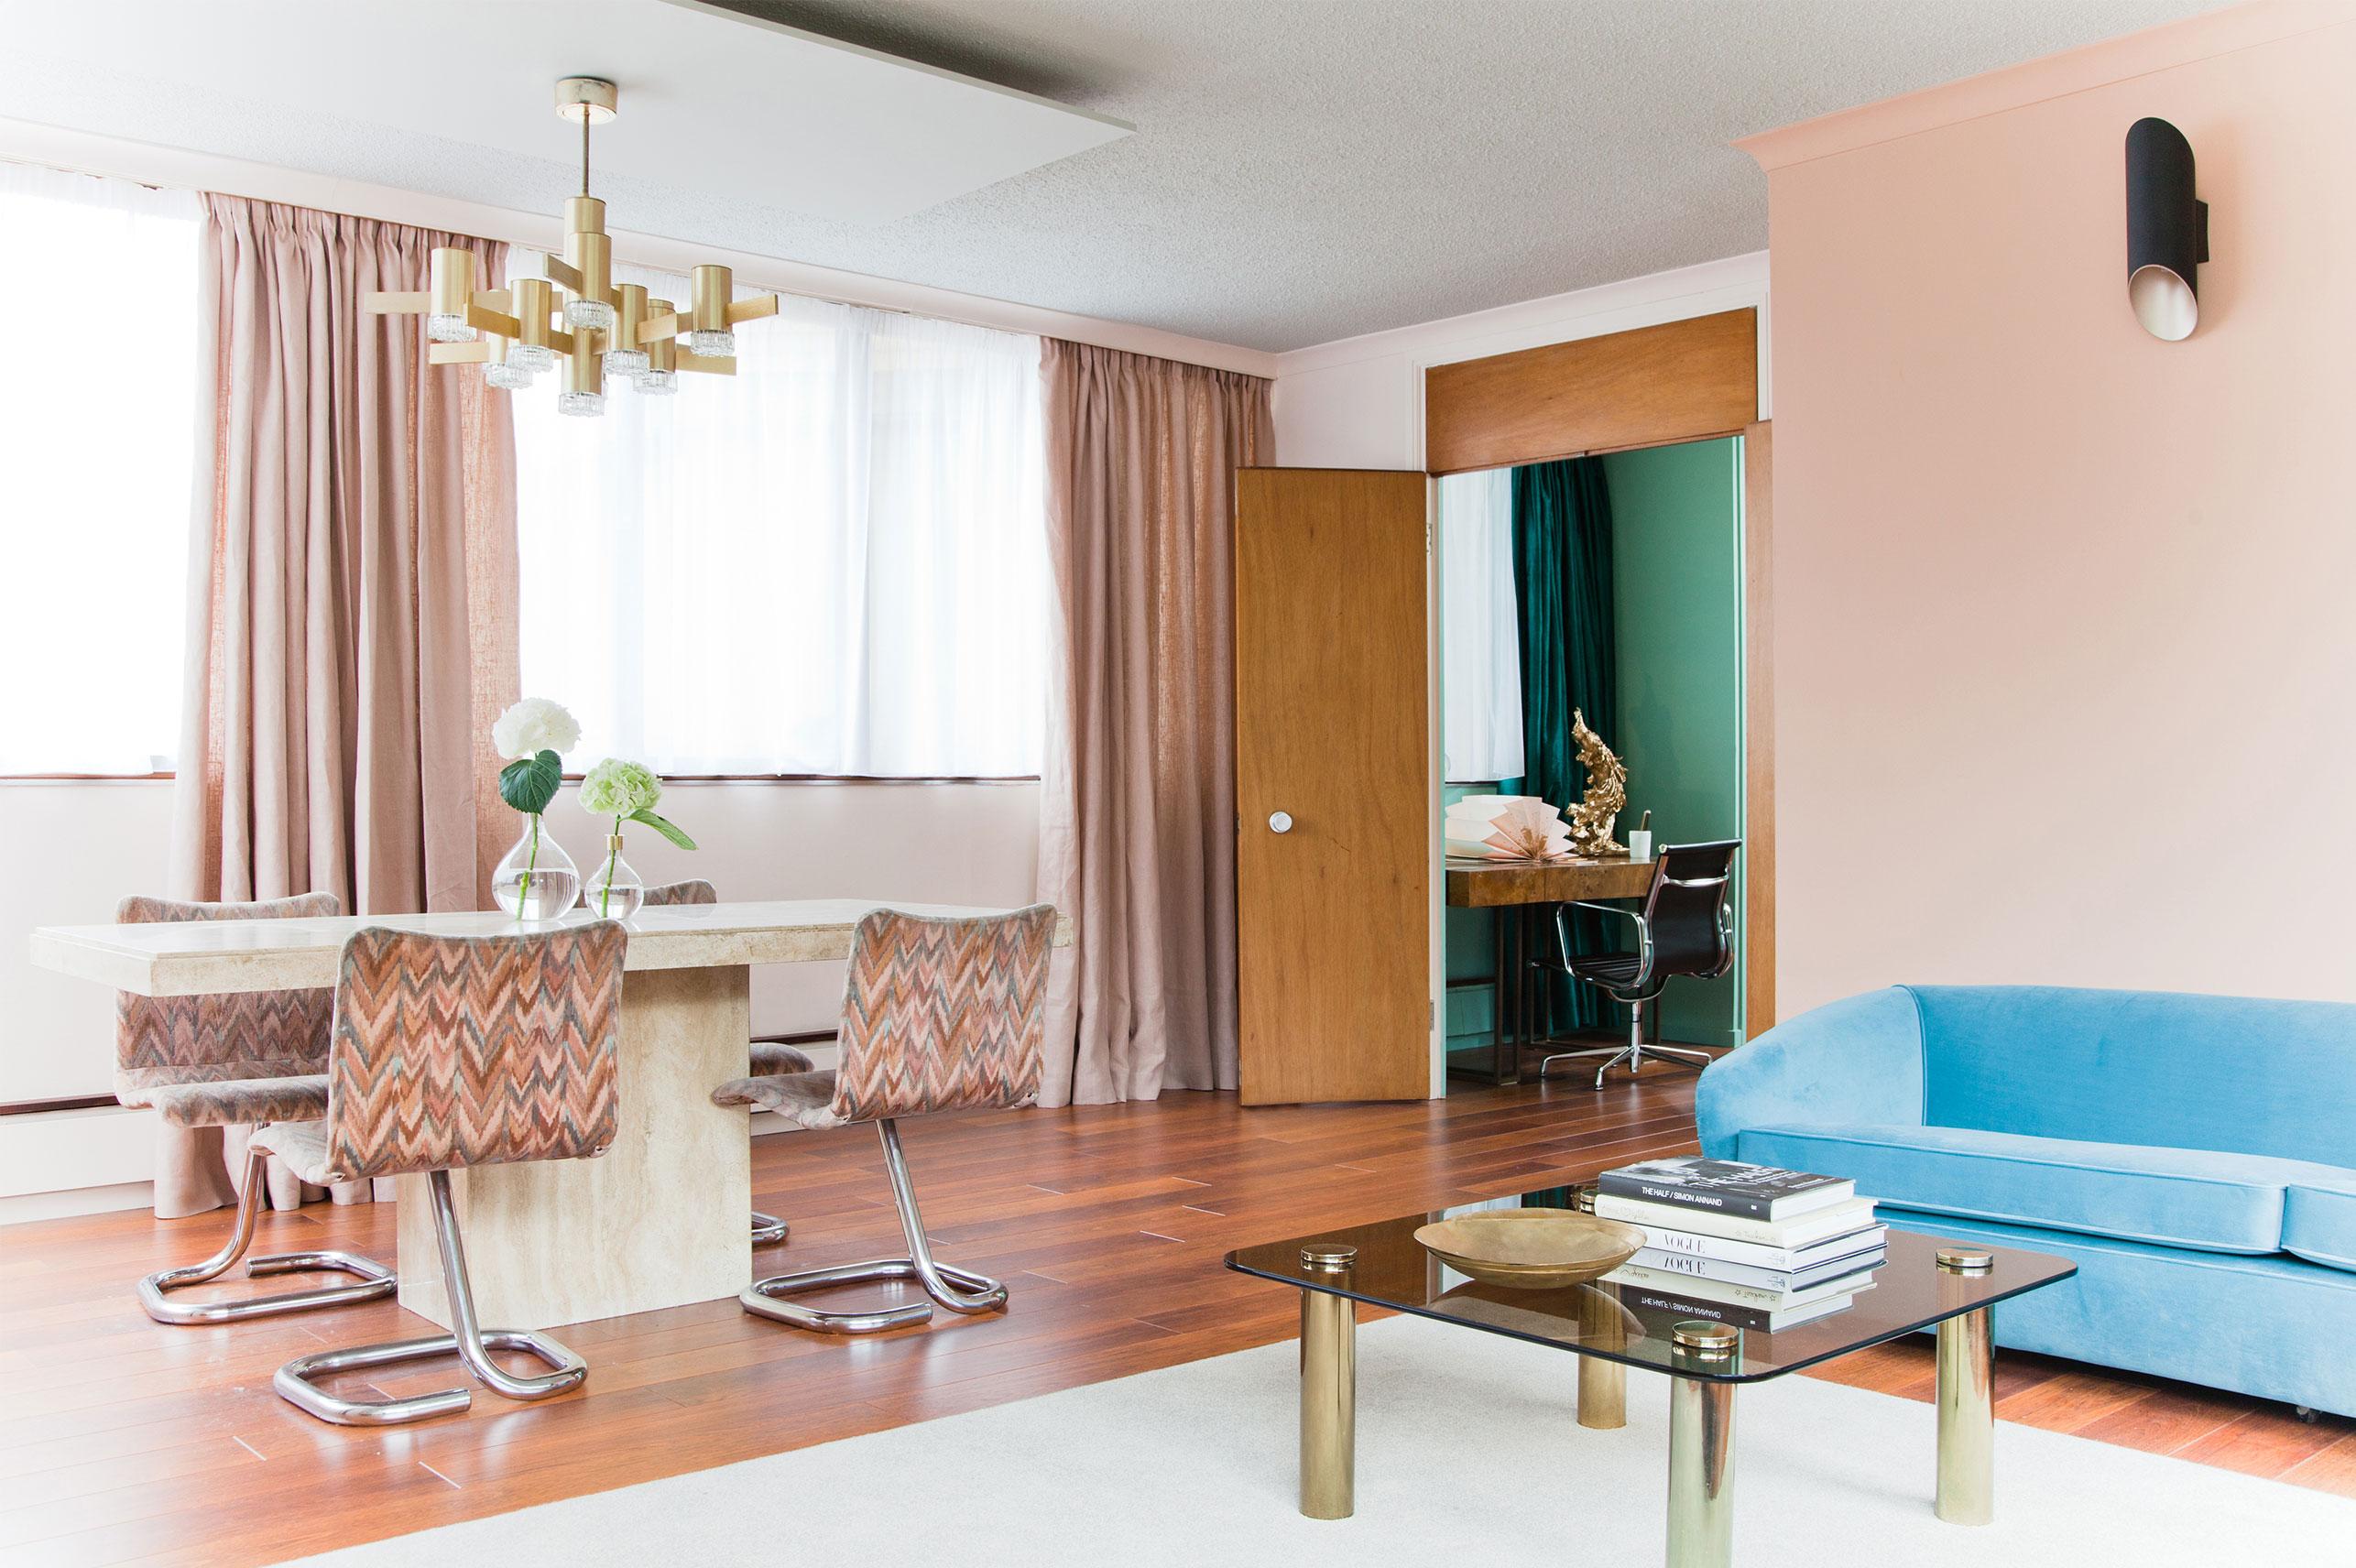 4-Langkah-Menghasilkan-Skema-Warna-Ruangan-yang-Sempurna-inspirasi1